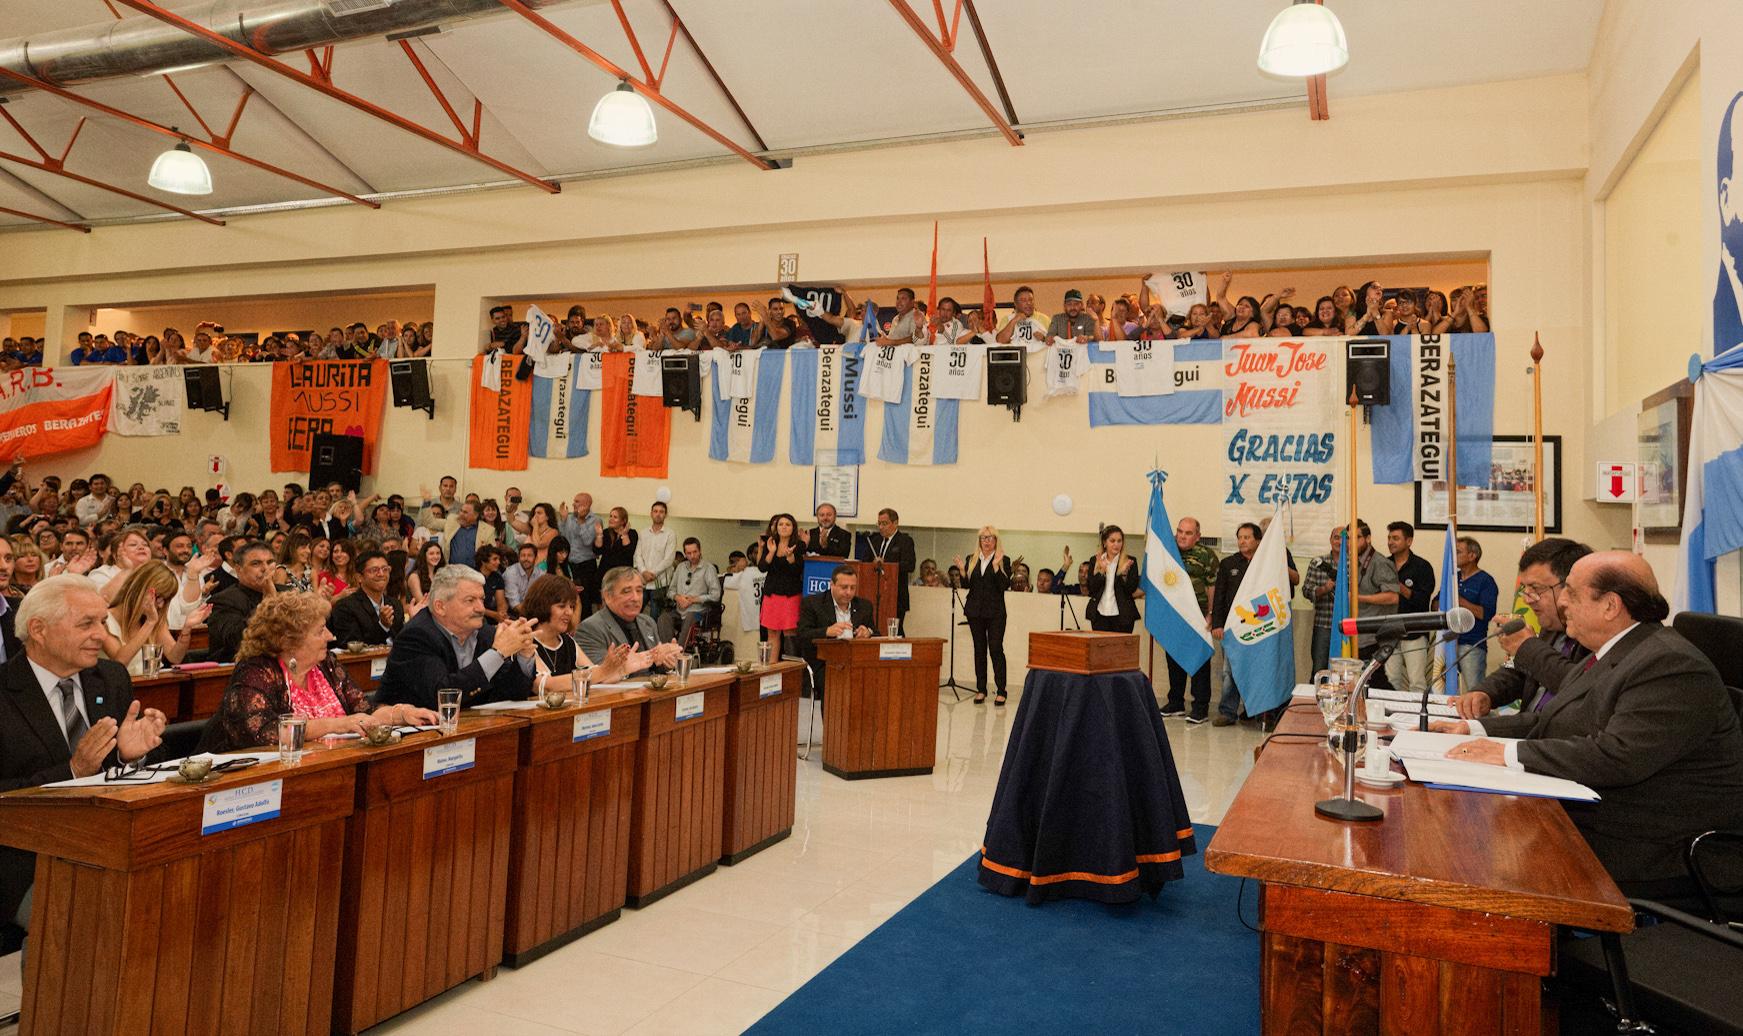 Juan José Mussi-1° concejal de Berazategui (2)